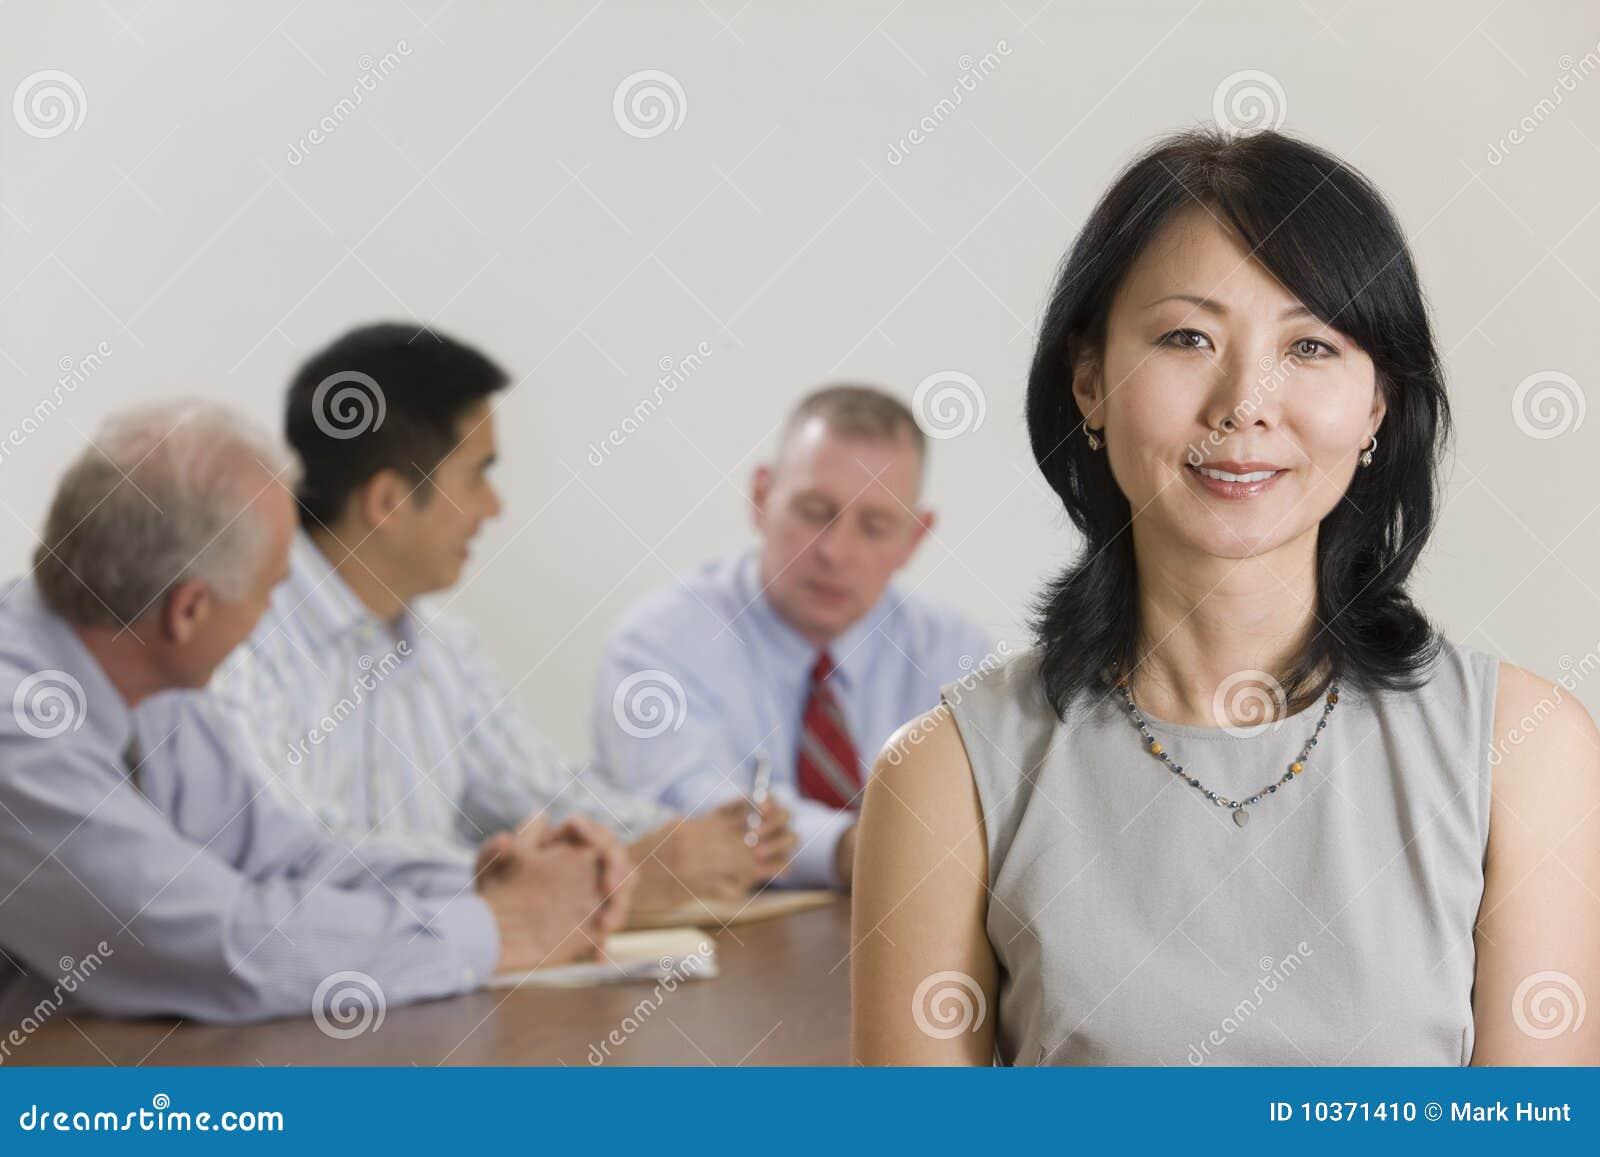 Portrait der Geschäftsfrau und ihres Teams.